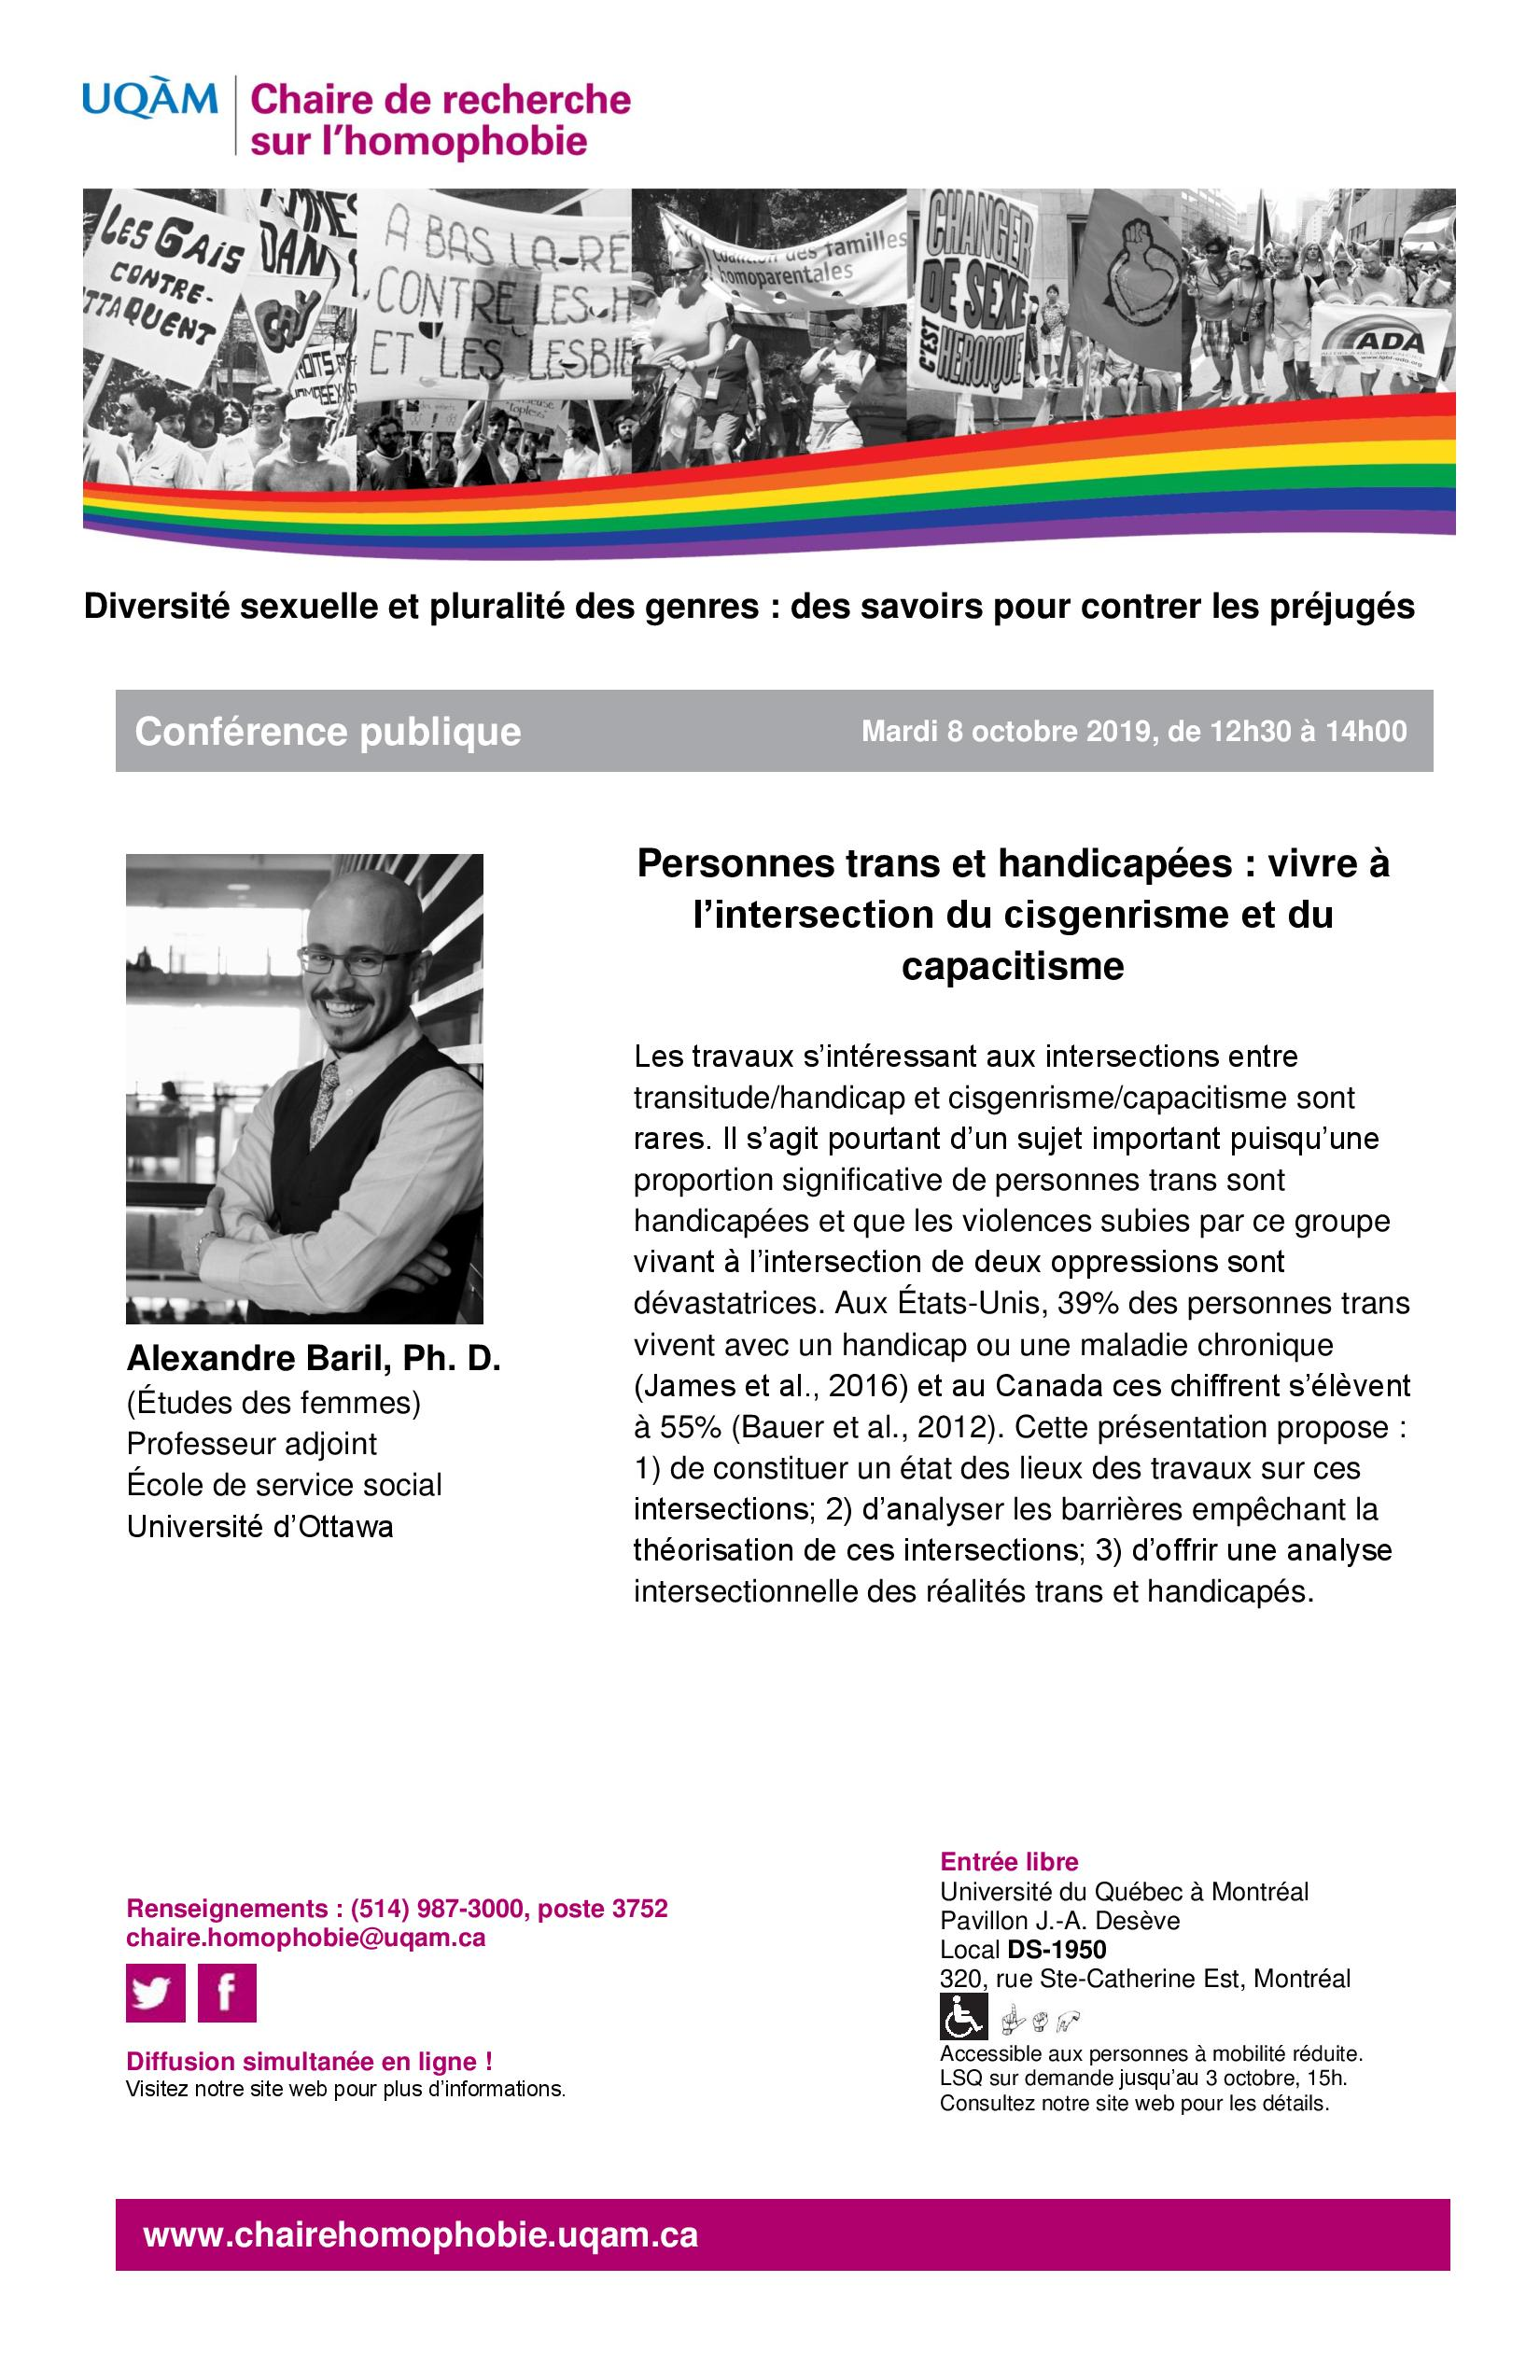 CONFÉRENCE PUBLIQUE | Personnes trans et handicapées: vivre à  l'intersection du cisgenrisme et du capacitisme